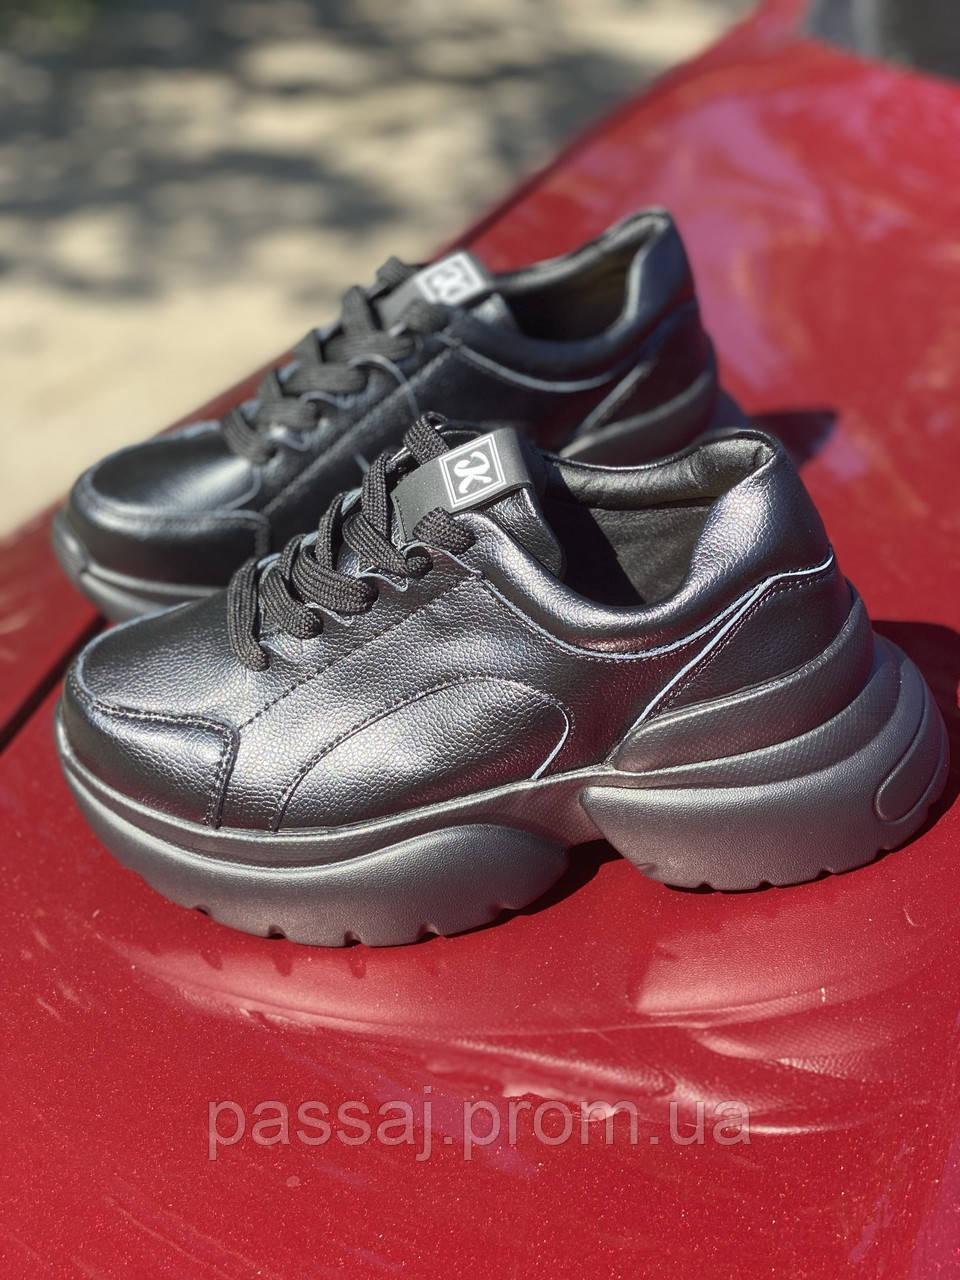 Чорні кросівки з натуральної шкіри на платформі